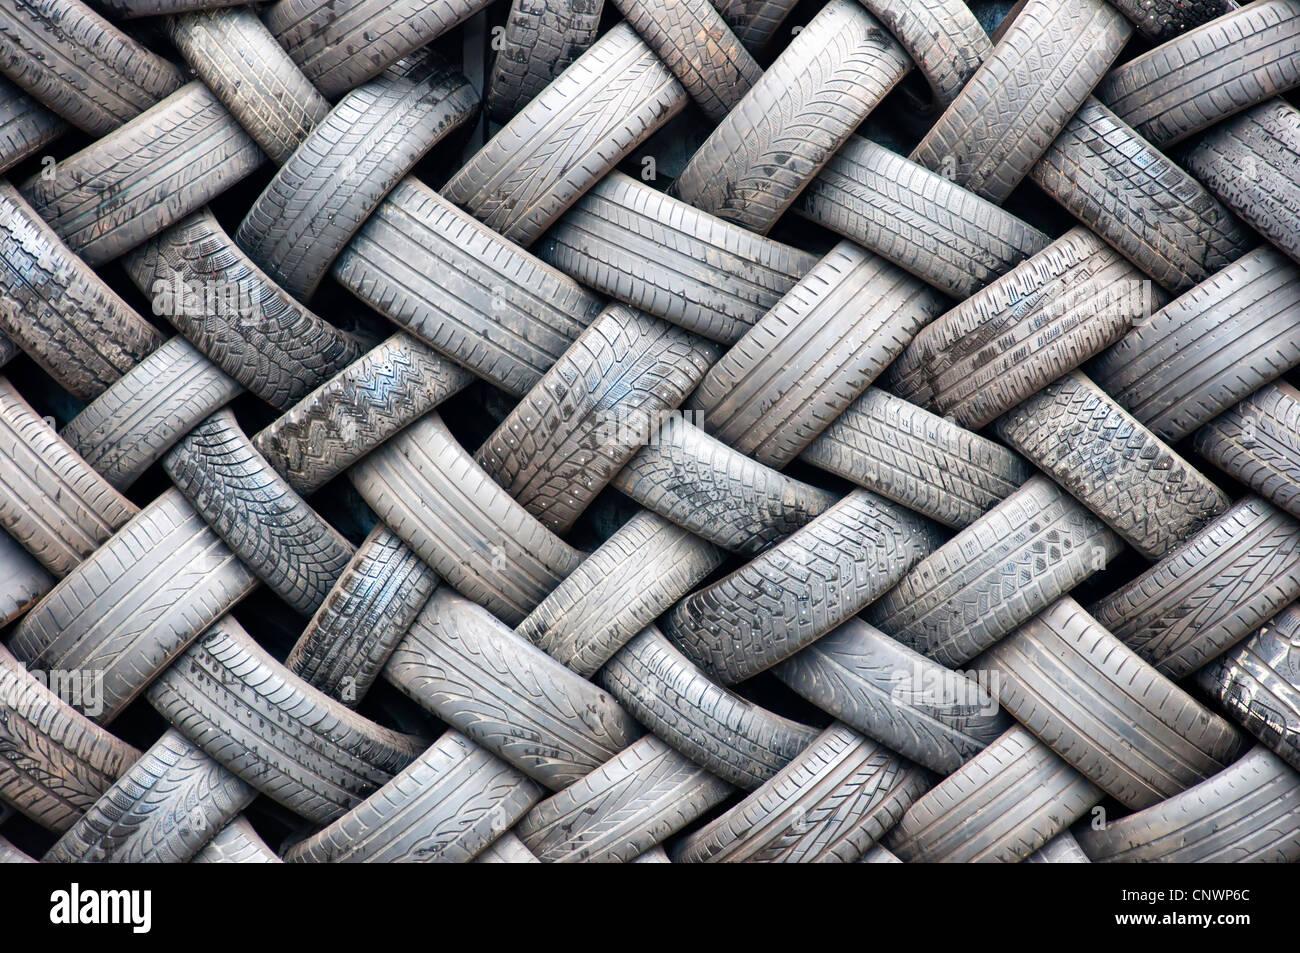 Un arrière-plan image abstraite d'un mur fait entièrement de caoutchouc des pneus. Photo Stock